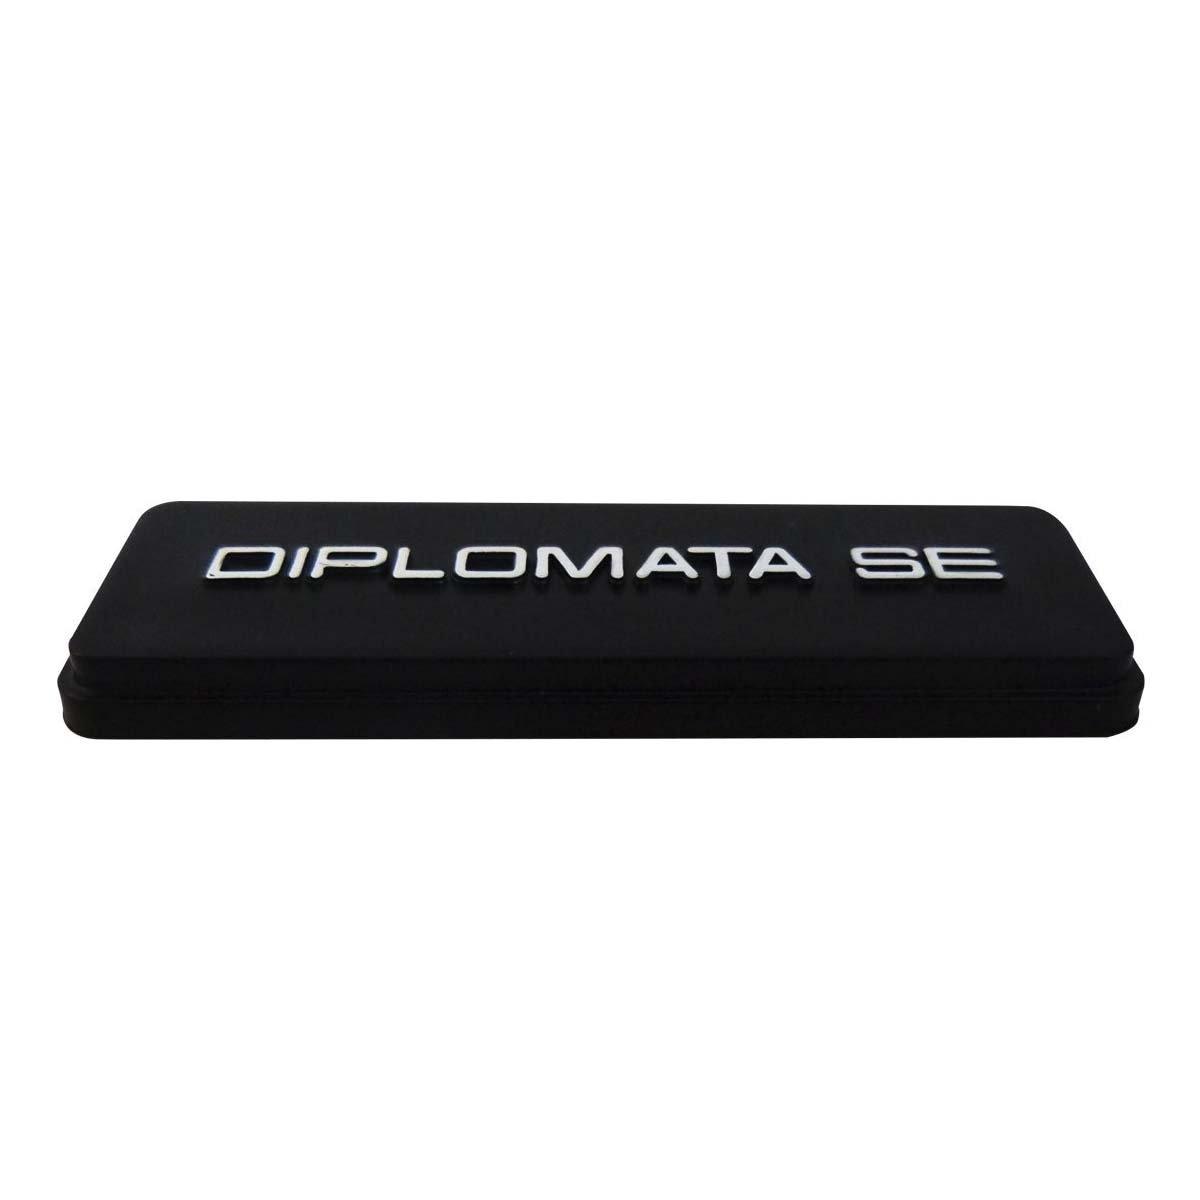 Emblema Diplomata SE do Volante Opala Caravan D20